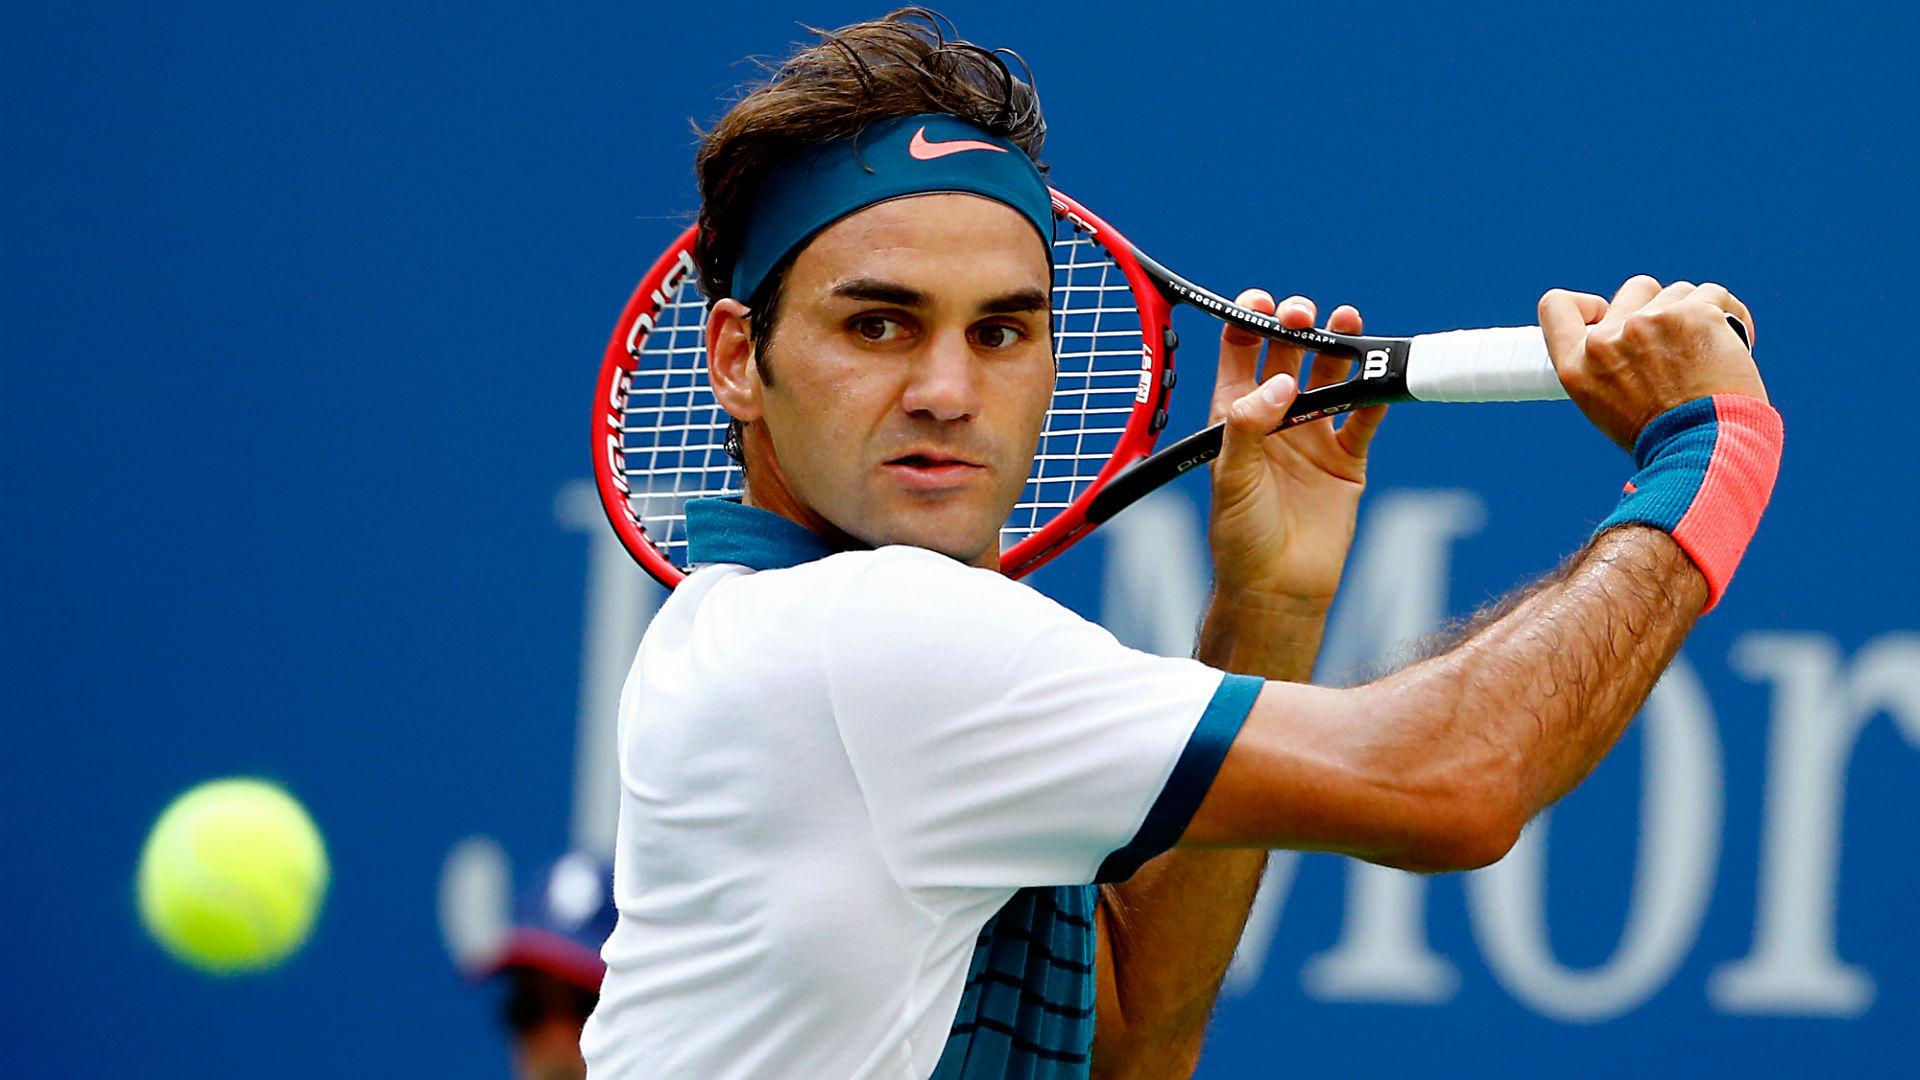 Roger Federer Background